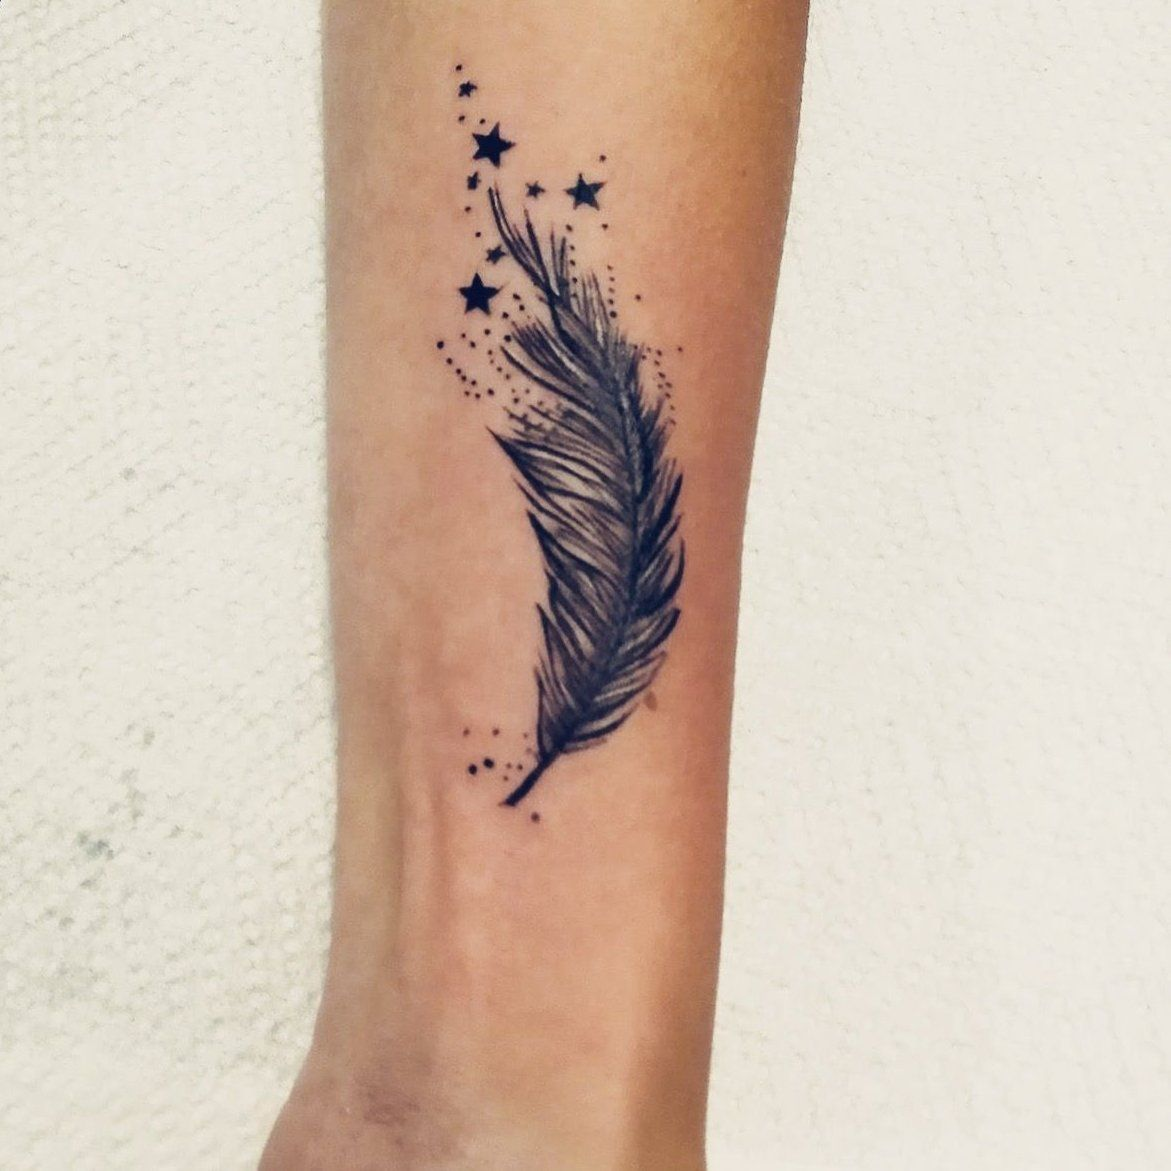 Feather and stars wrist tattoo. I love it! 😍 wrist